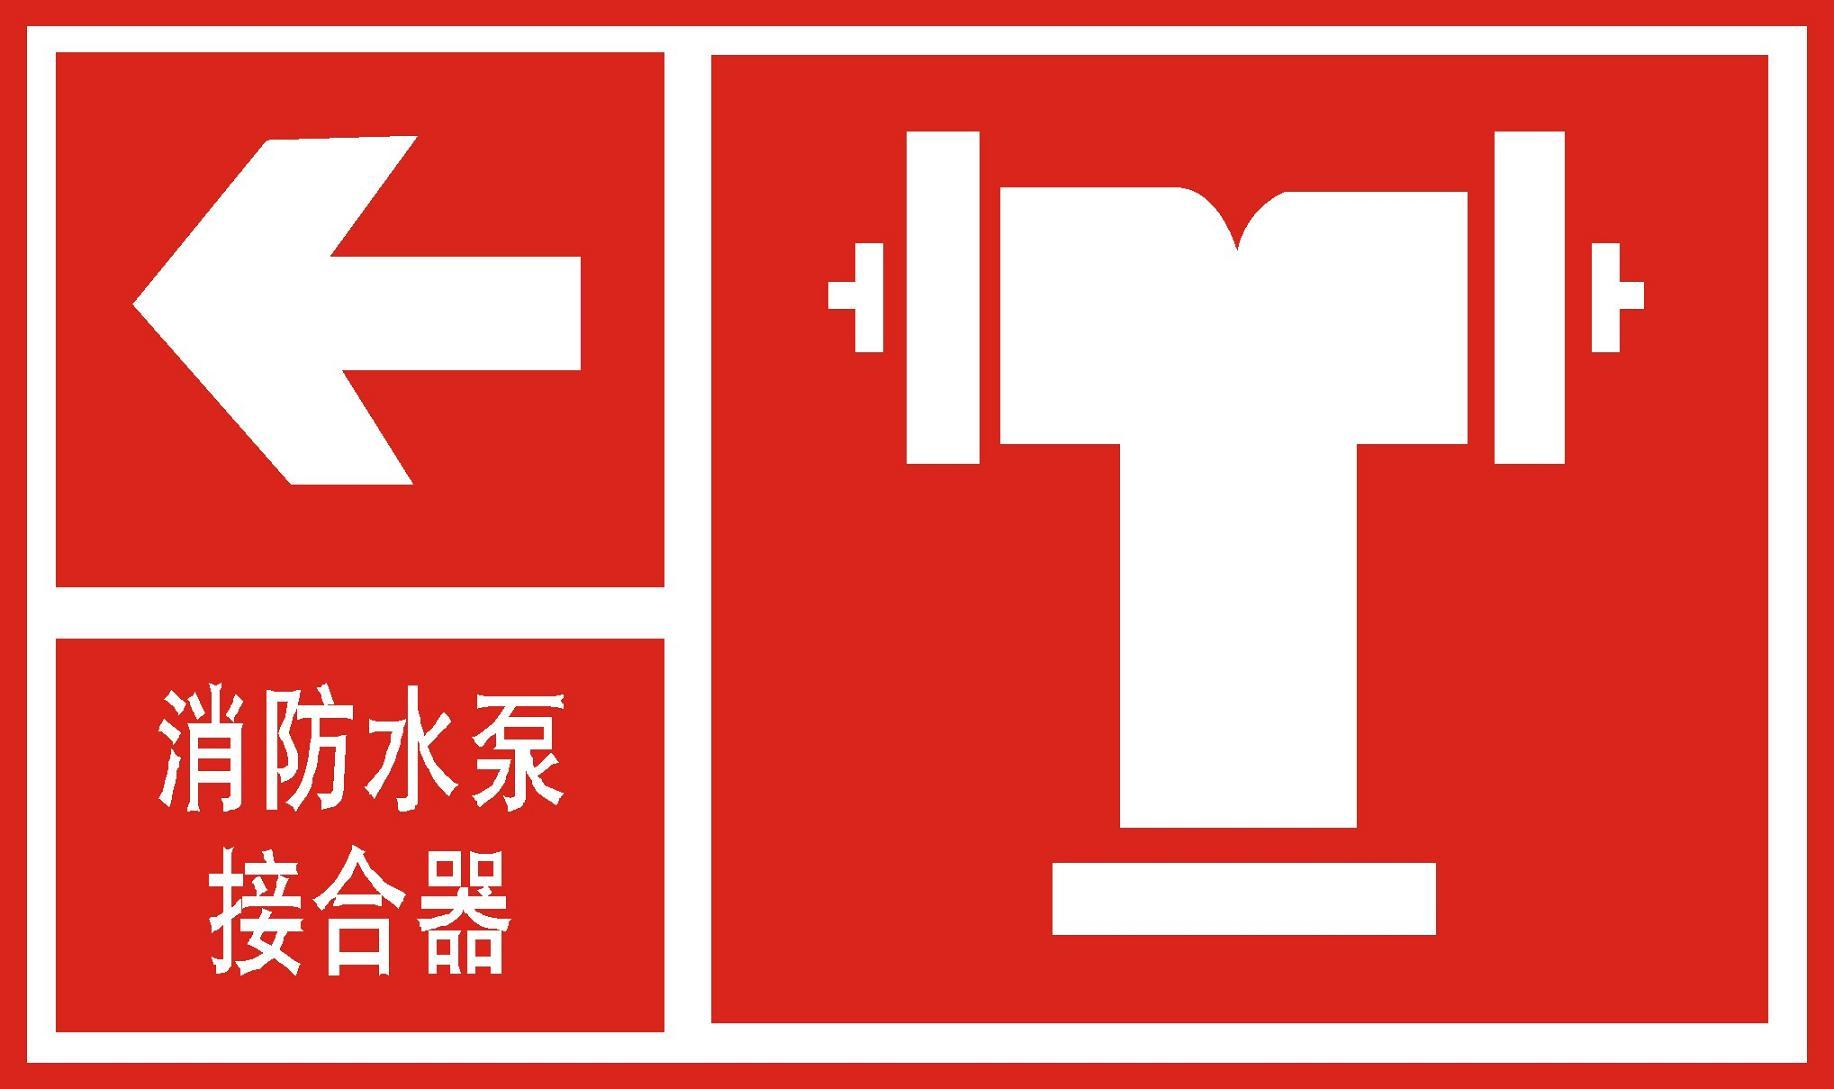 安全消防标语图片_安全消防标语图片大全